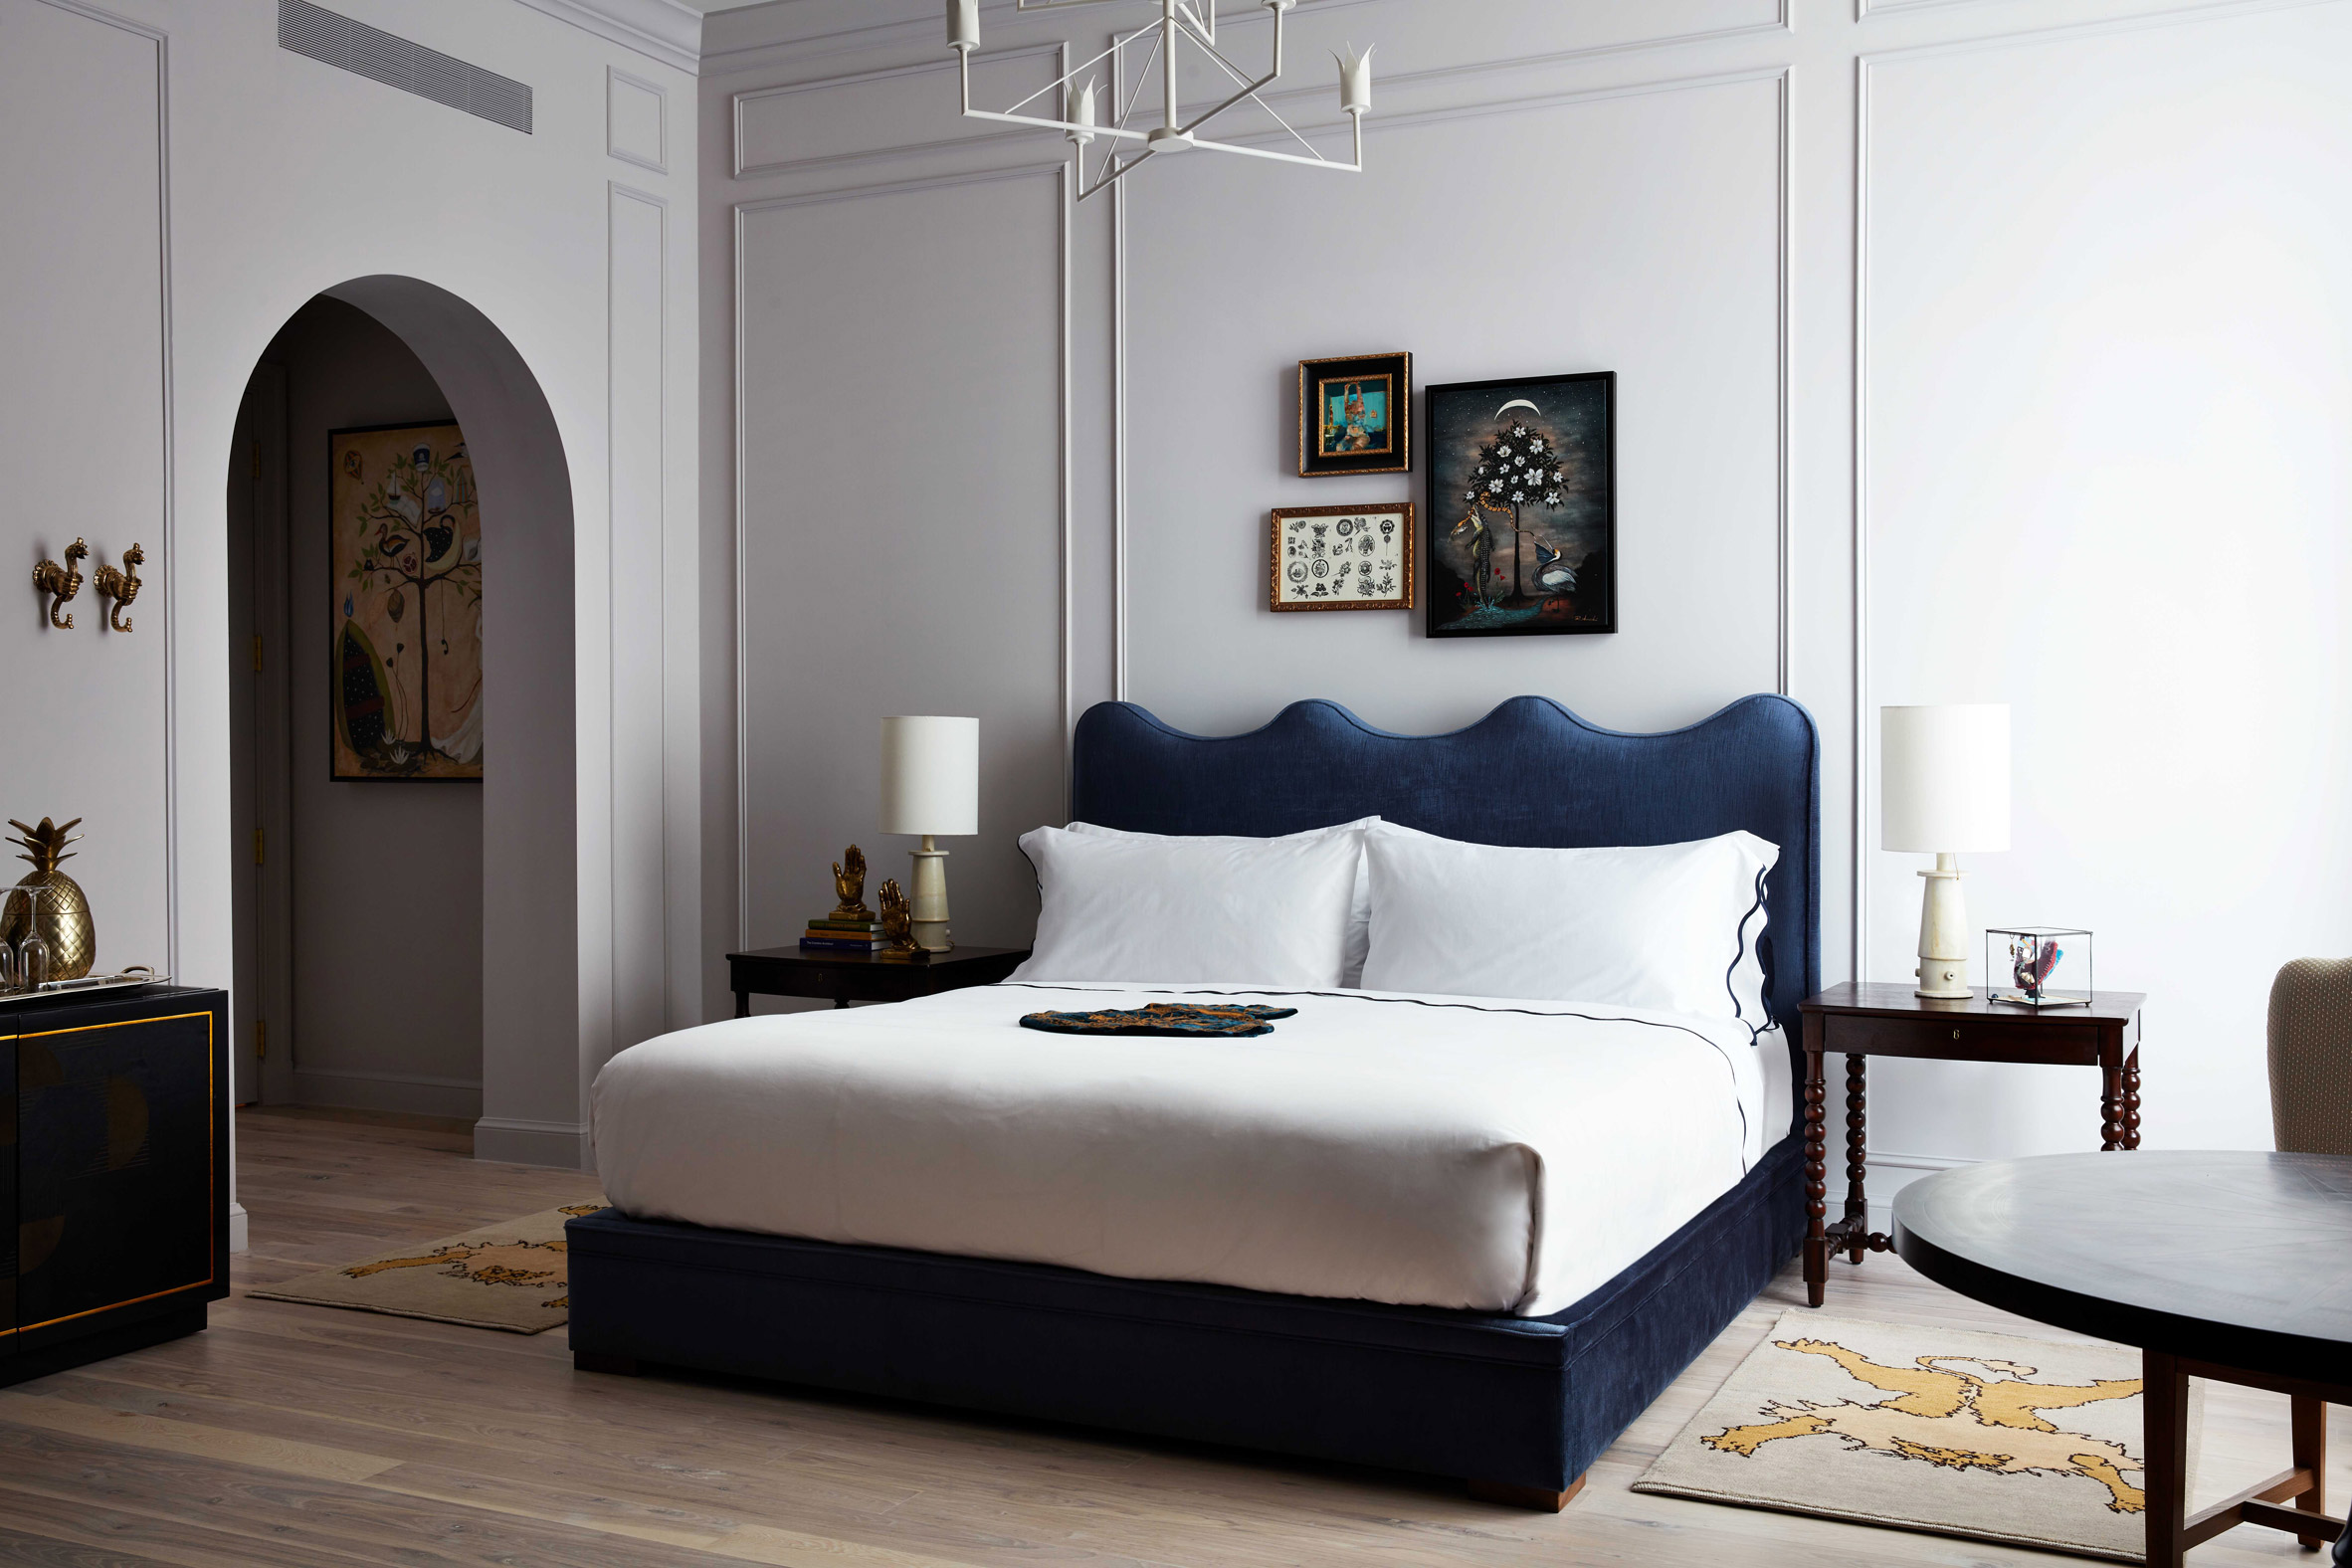 Maison De La Luz luxury hotel by Atelier Ace in New Orleans